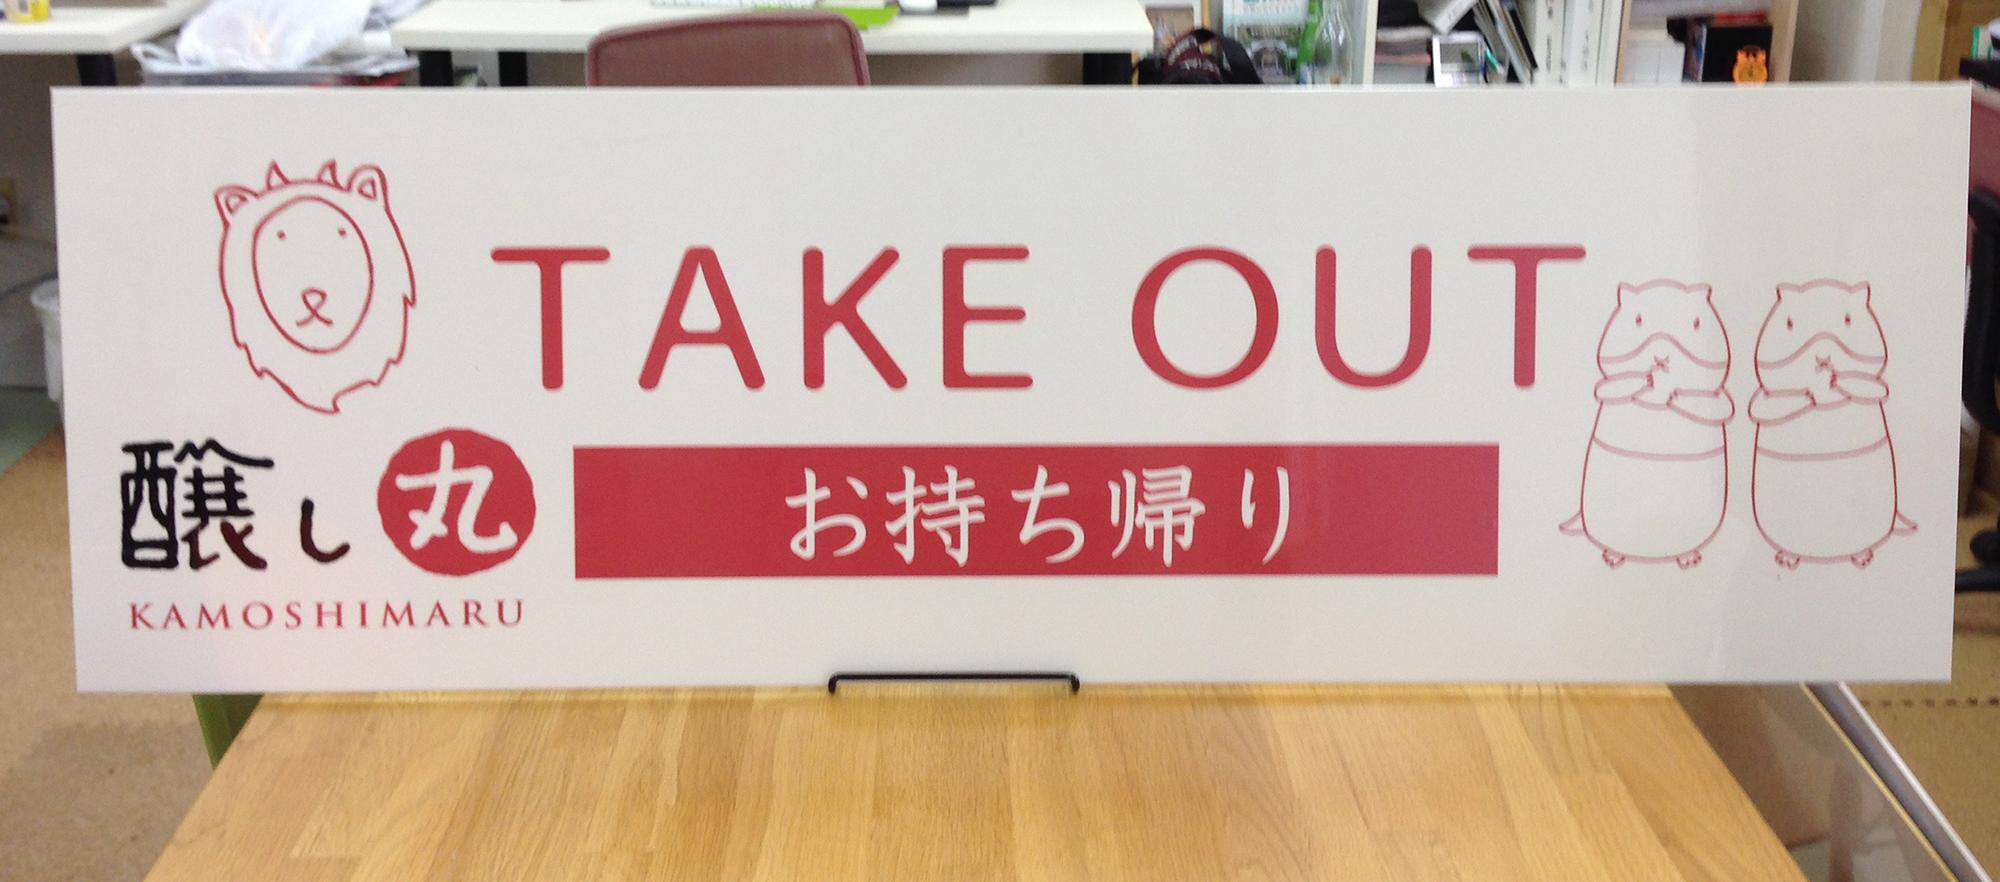 醸し丸「TAKE OUT」看板できました。